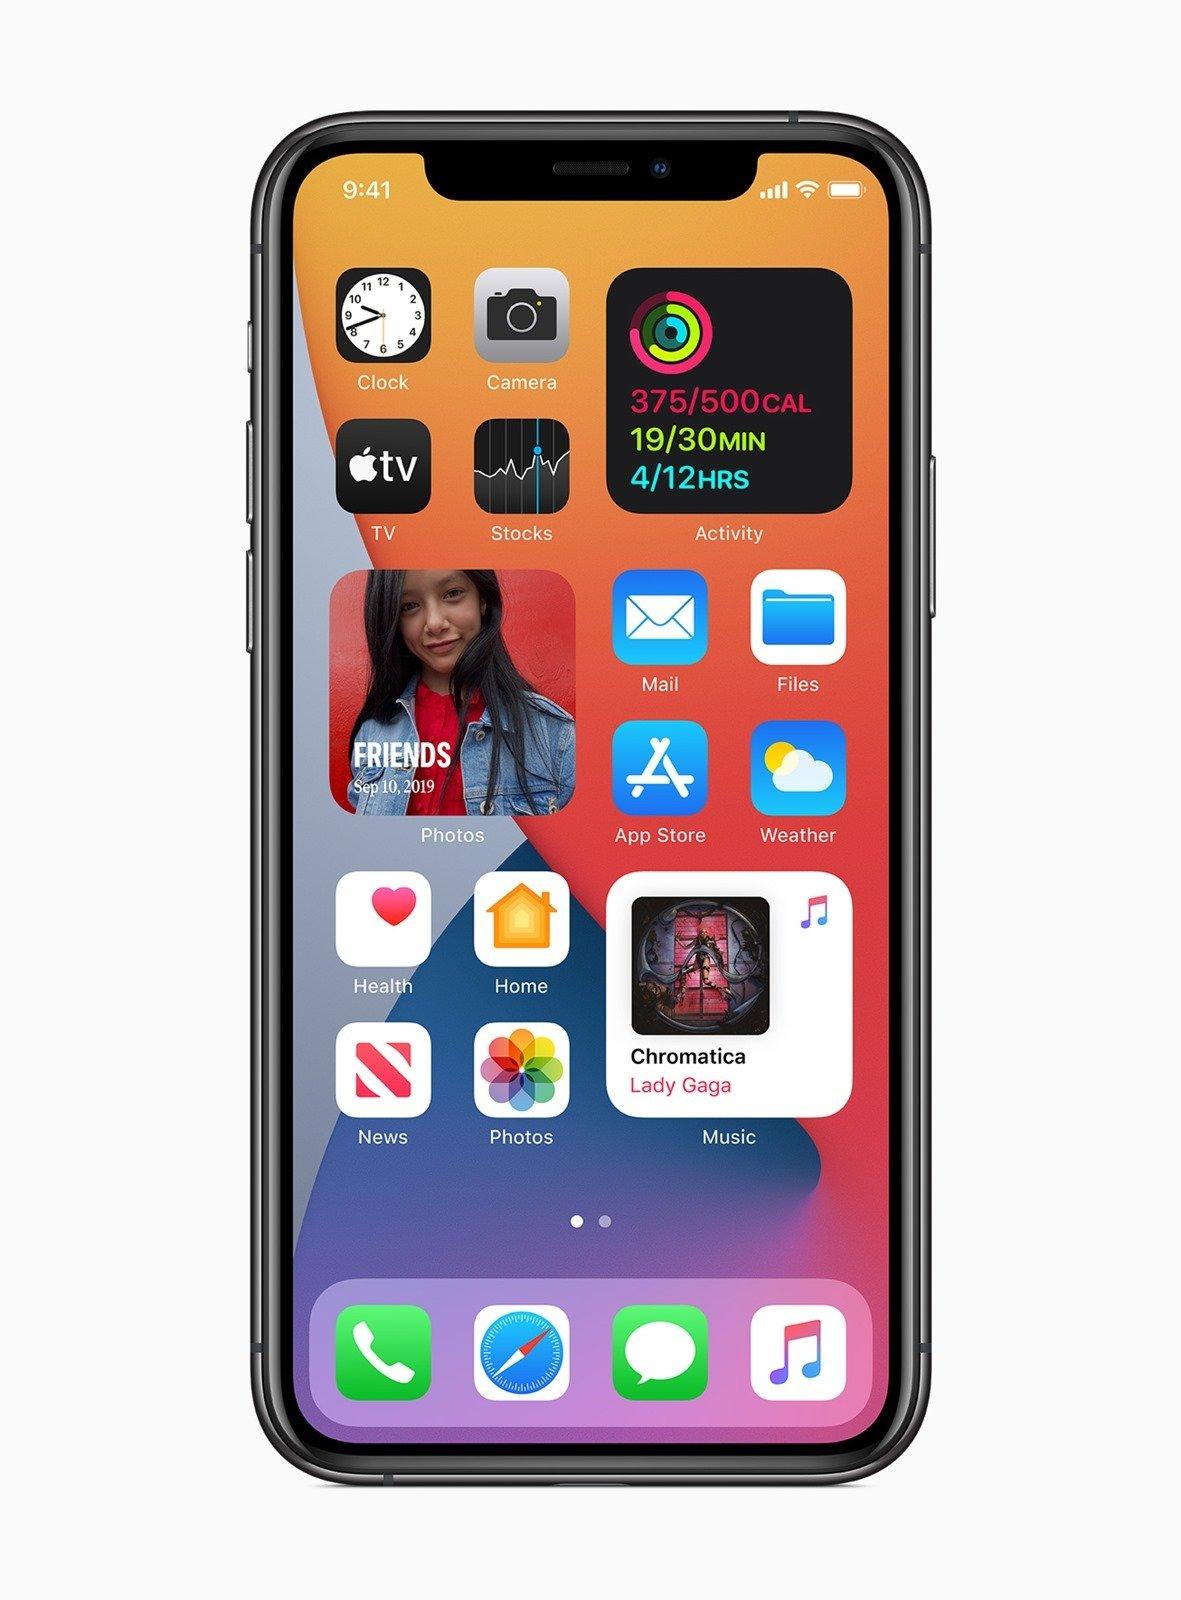 [WWDC 2020] Apple 推出 iOS 14,塑造全新 iPhone 體驗!帶來全新方式,讓您自訂「主畫面」、利用 App Clips 探索和使用 app,還有用「訊息」保持聯繫。一般使用者下月可以參加 Beta 測試 @3C 達人廖阿輝